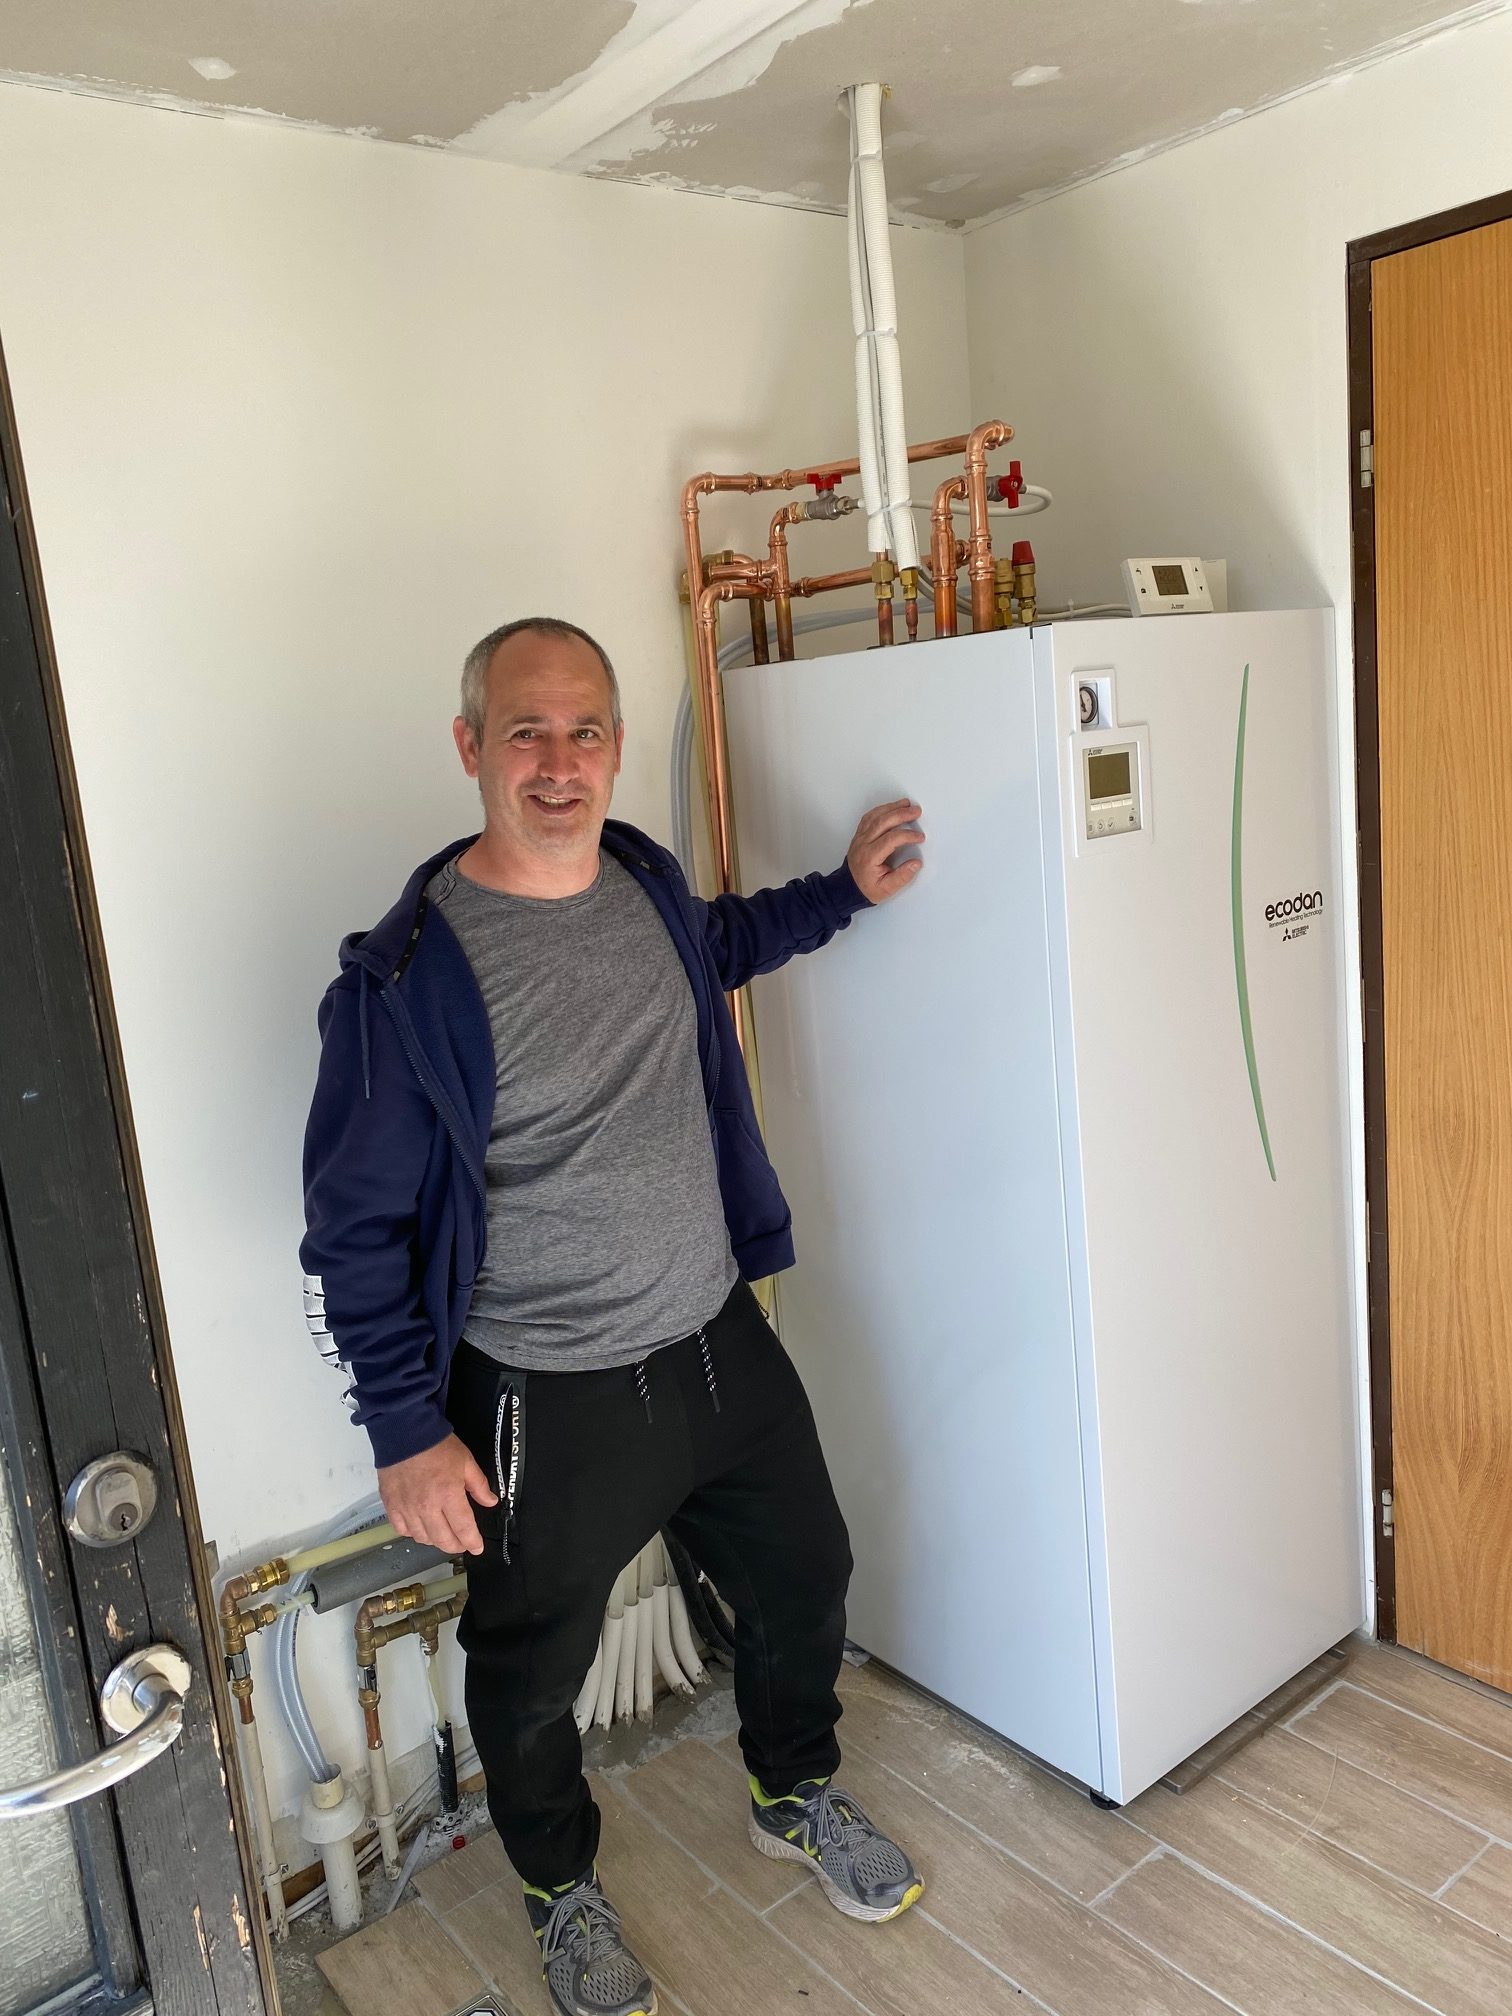 Jan fik ny luft til vand-varmepumpe